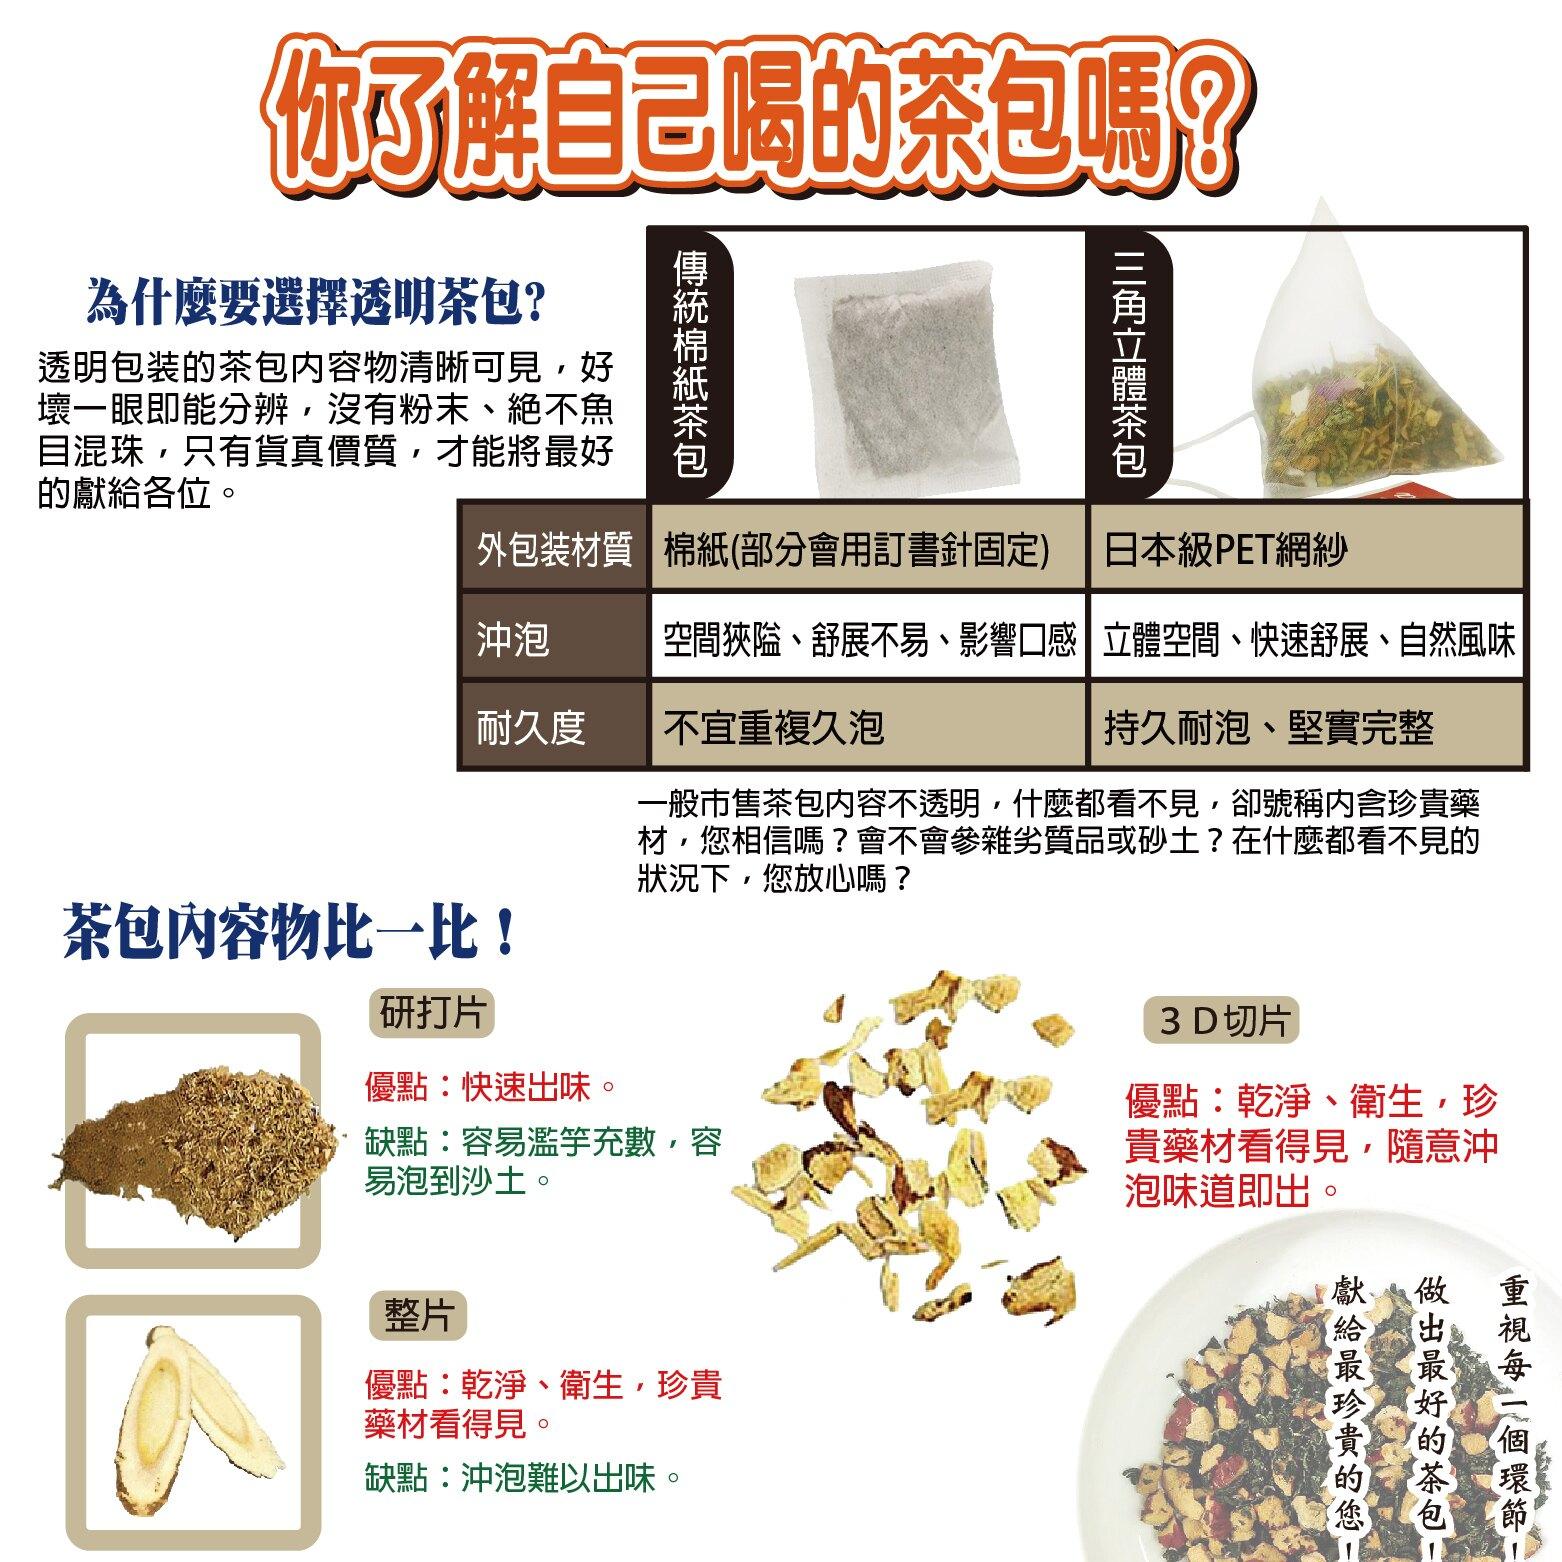 【半剖黑豆茶▶20入】買5送1║無添加物 嚴選黑豆粒║低溫烘烤 快速出味 味甘香濃 立體茶包